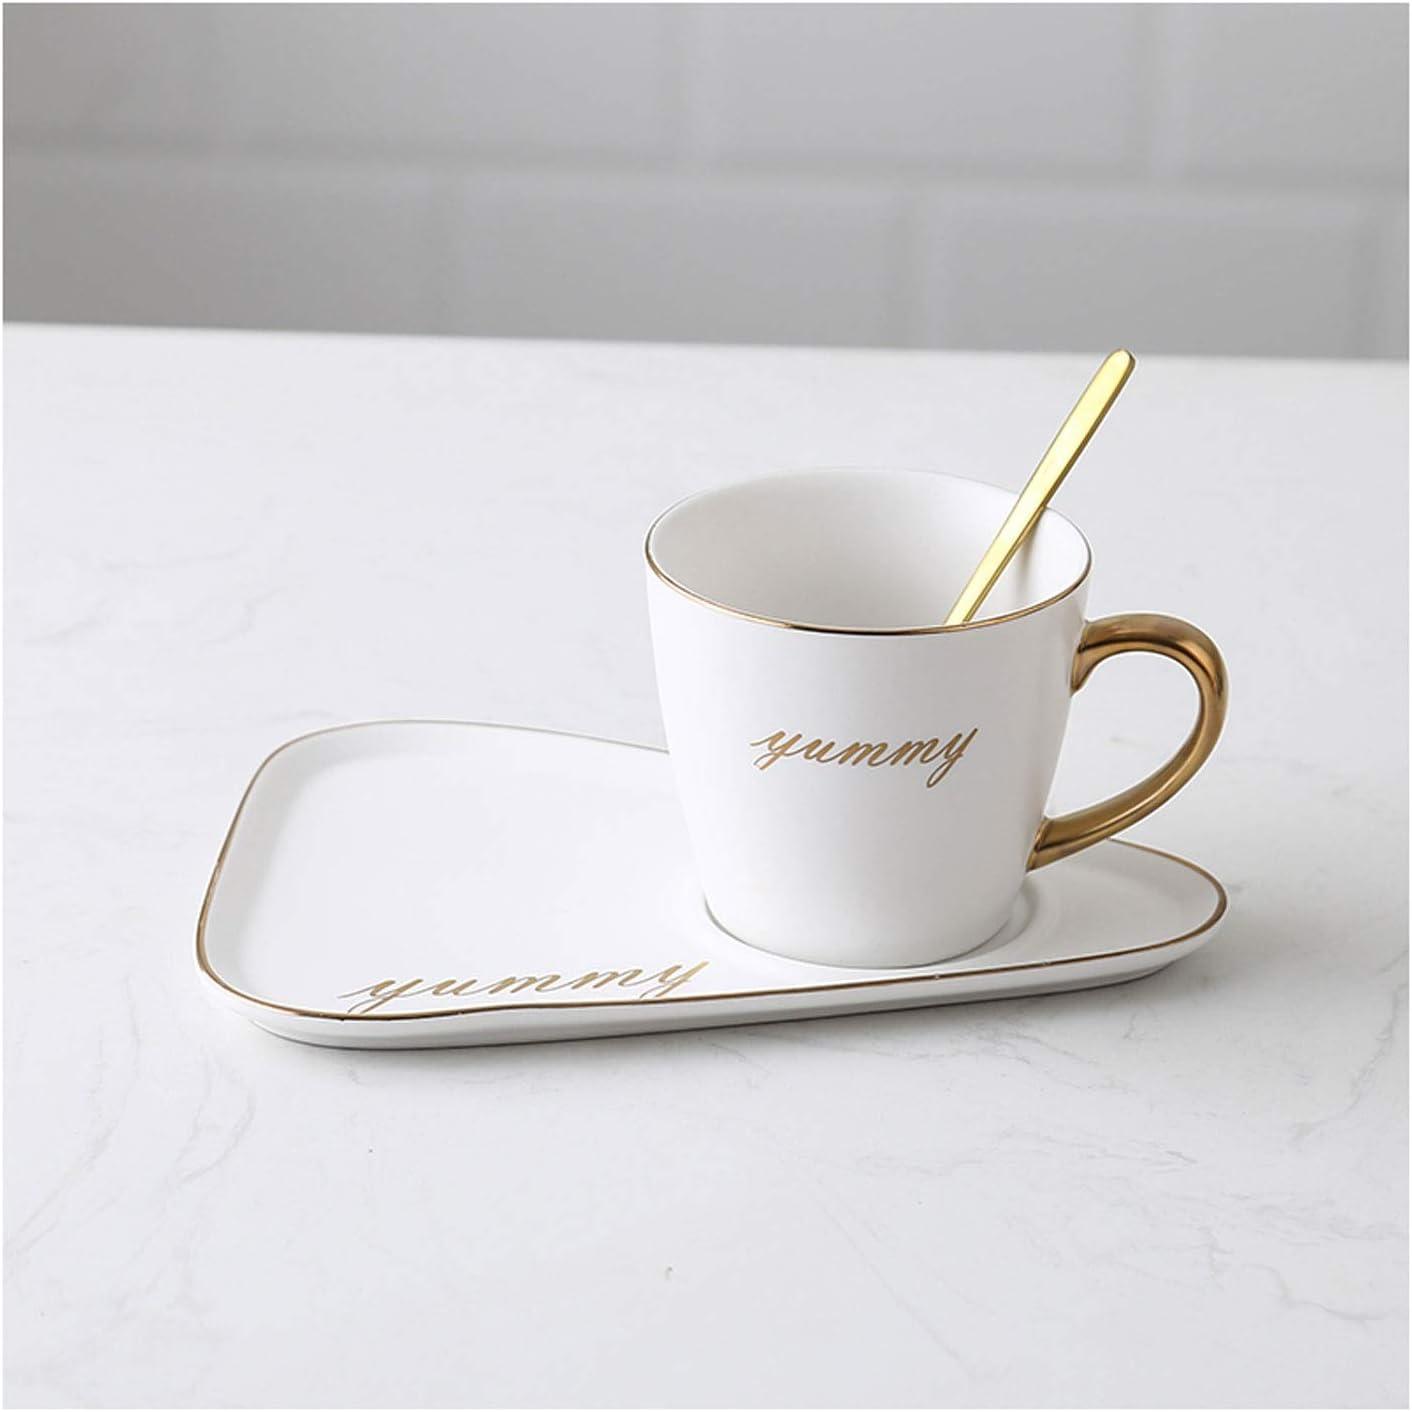 Taza de café Cuchara de café de cerámica mate Cuchara y bandeja de la bandeja 8.8 oz Taza de té de cerámica con la cuchara Desayuno / taza / taza, adecuado for bebidas calientes y frías de café de té